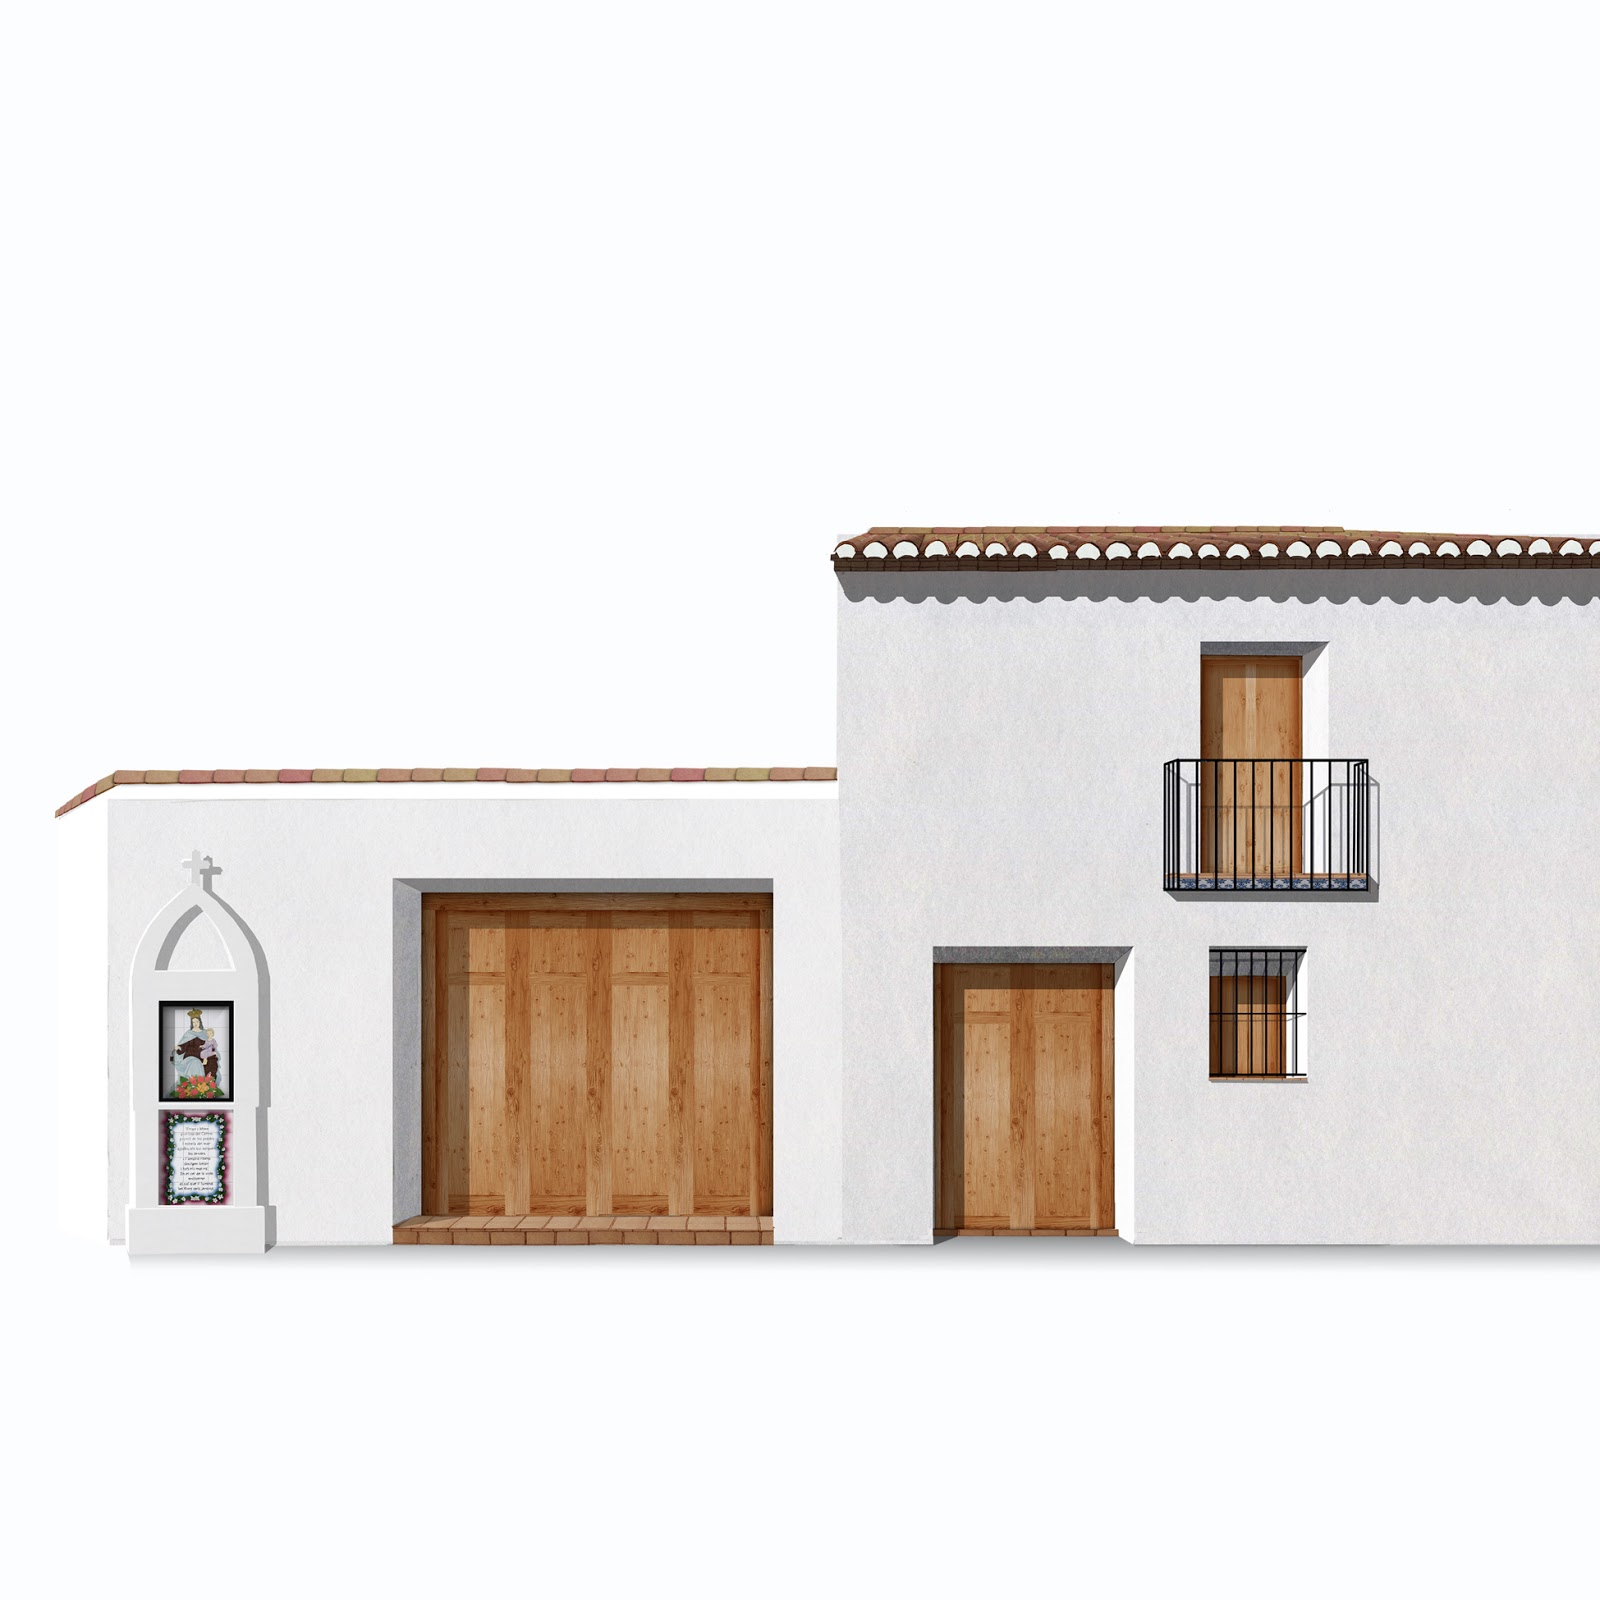 arquitectura tradicional.